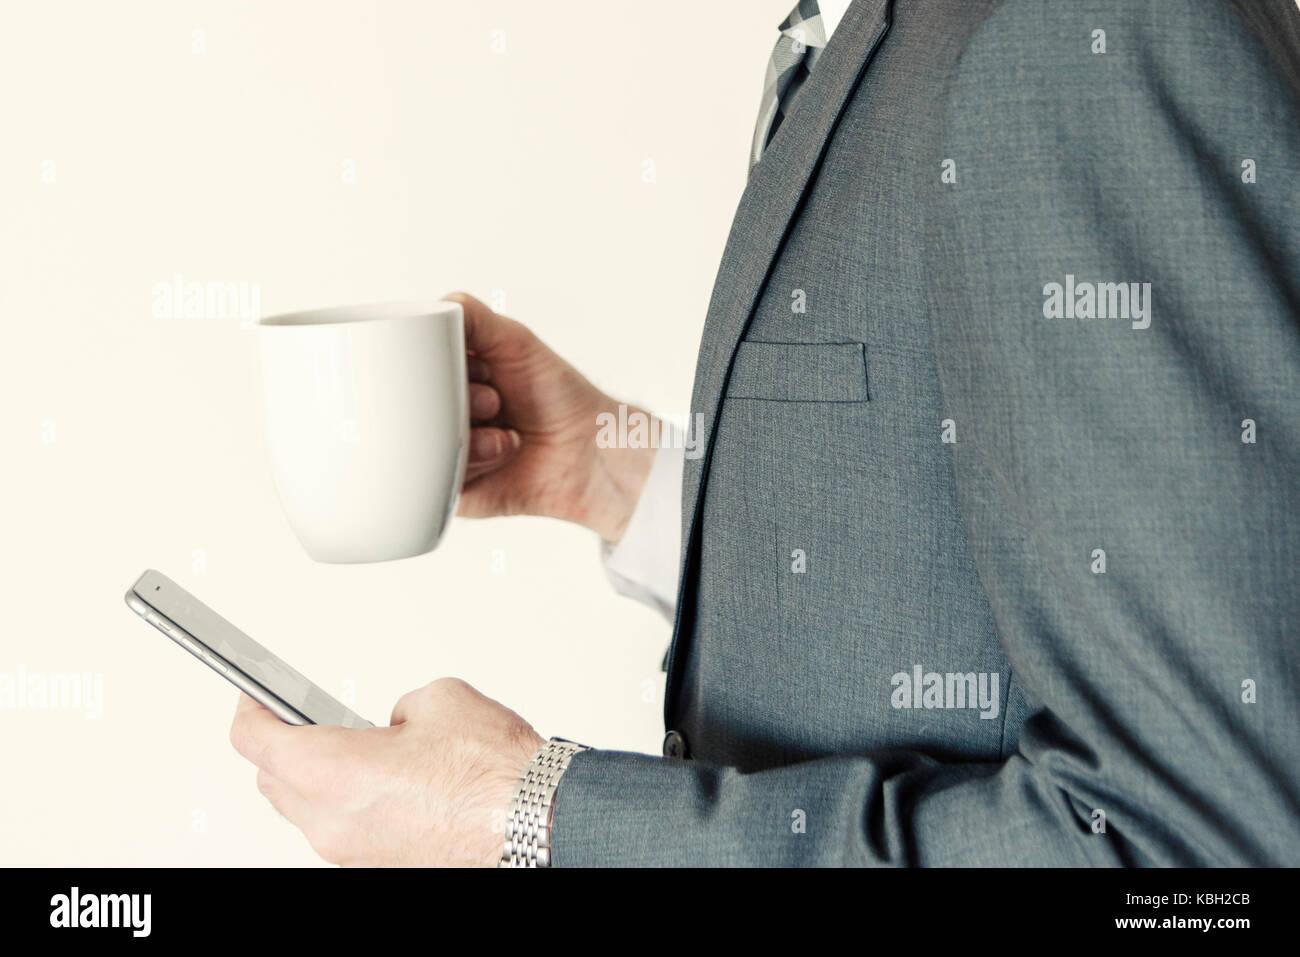 Homme sans tête profil professionnel vue latérale à l'aide de smart mobile phone tout en tenant Photo Stock